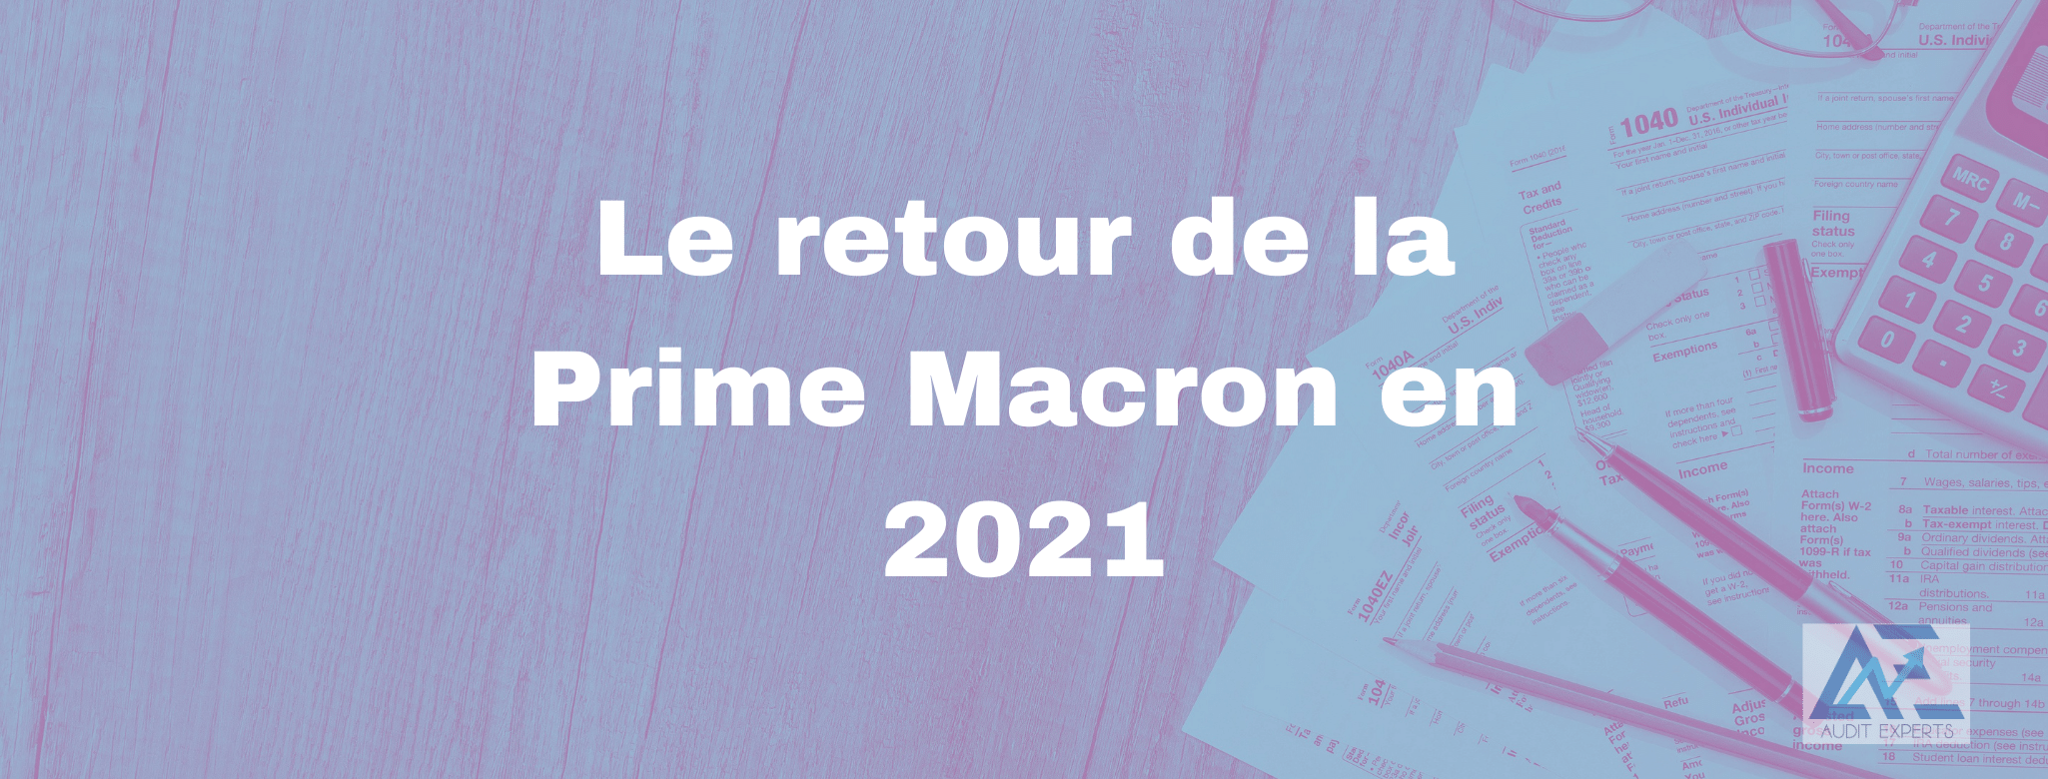 Le retour de la Prime Macron en 2021